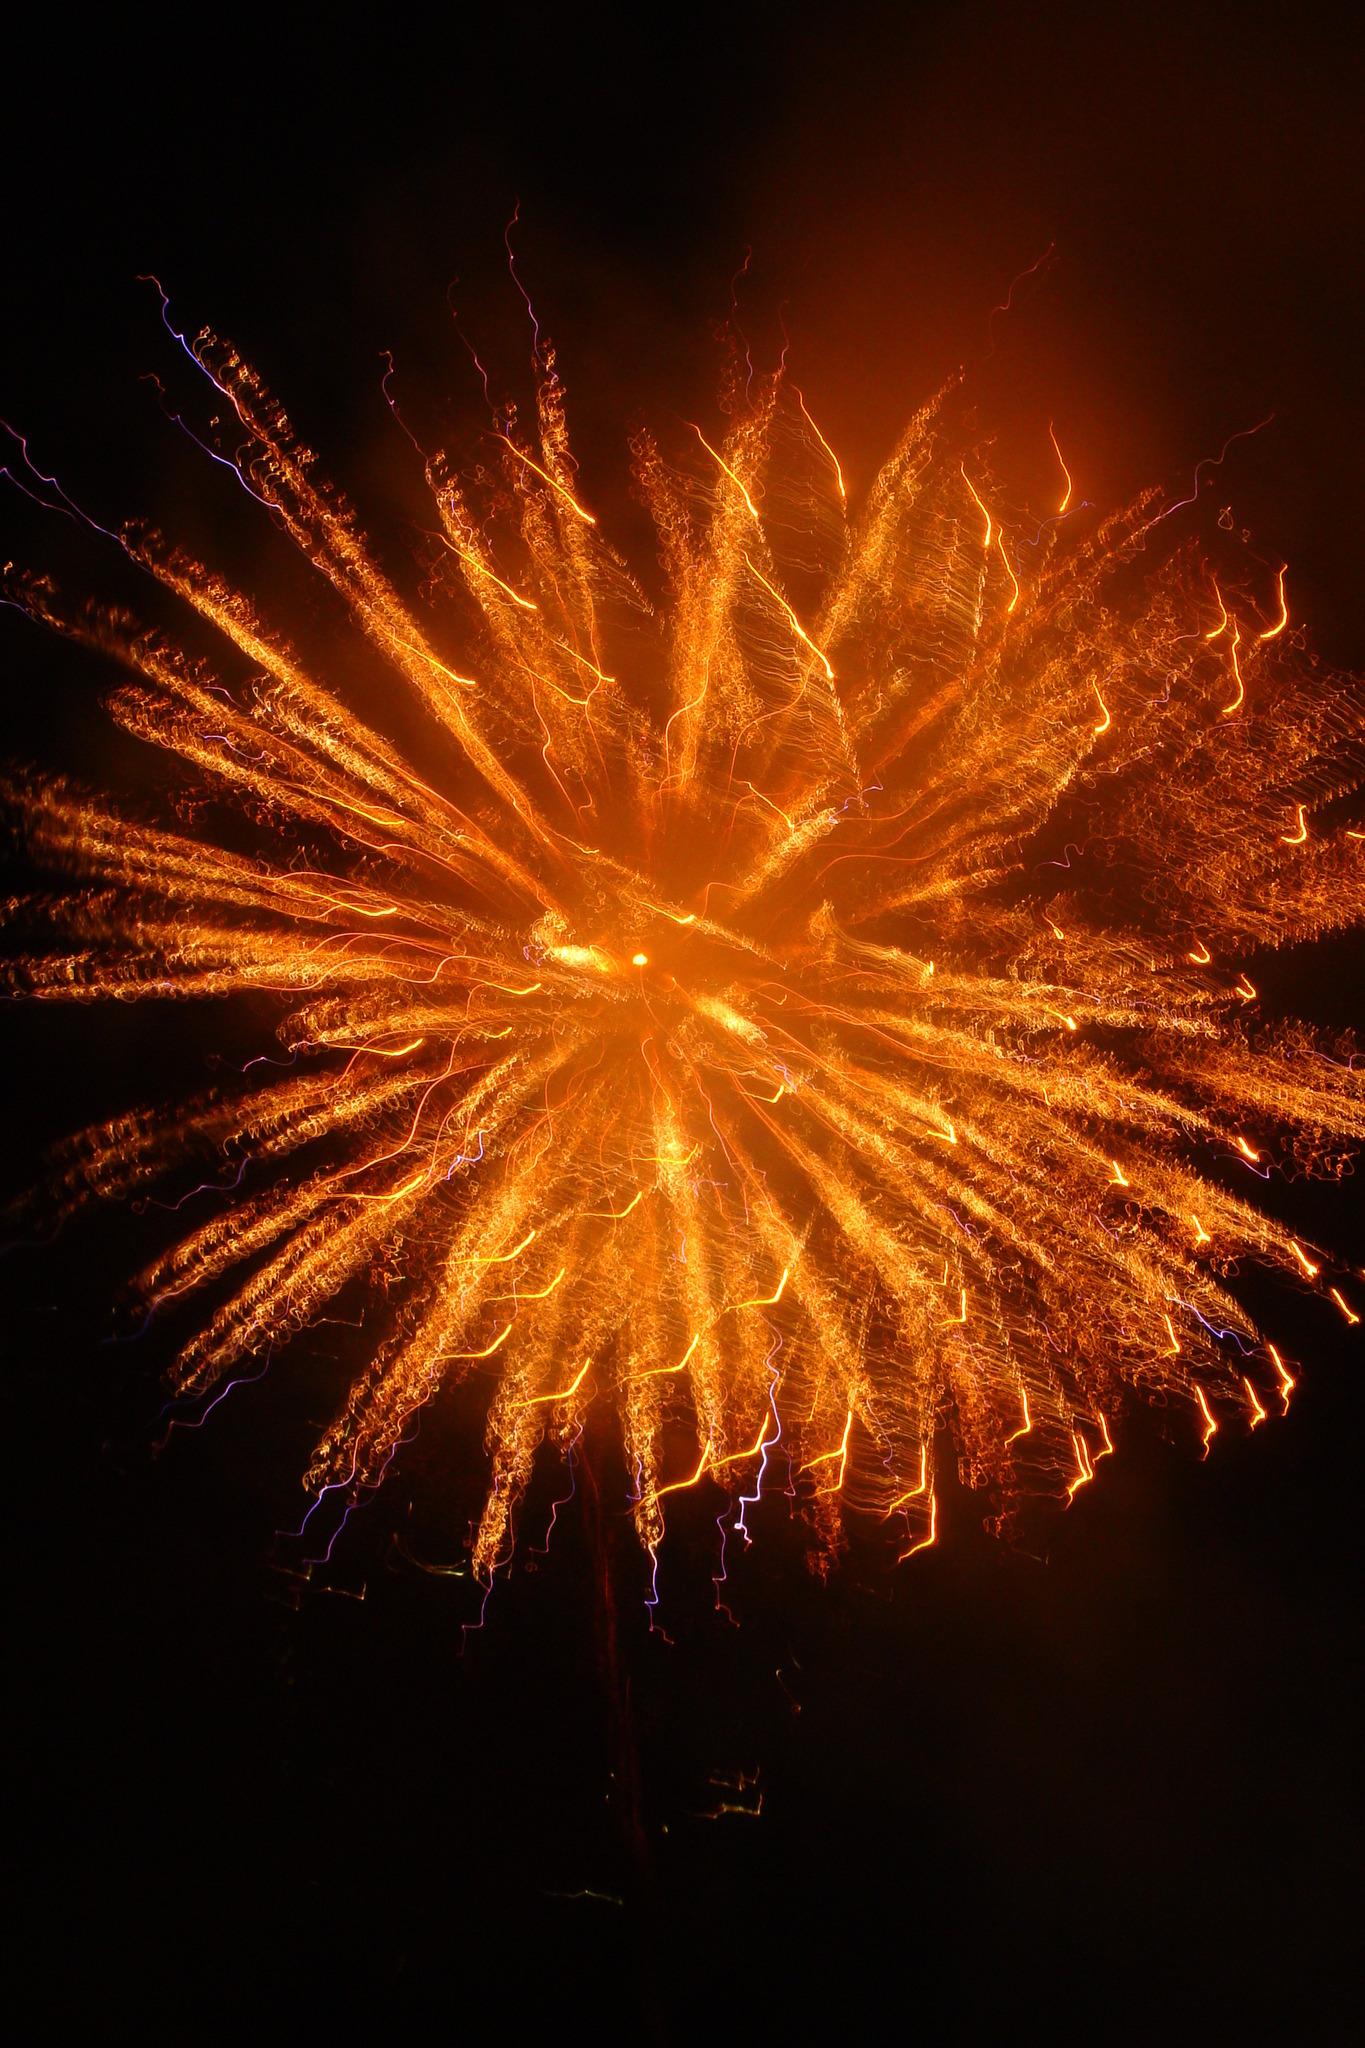 Ich wünsche euch ein gutes Neues Jahr mit viel Glück und Gesundheit ...